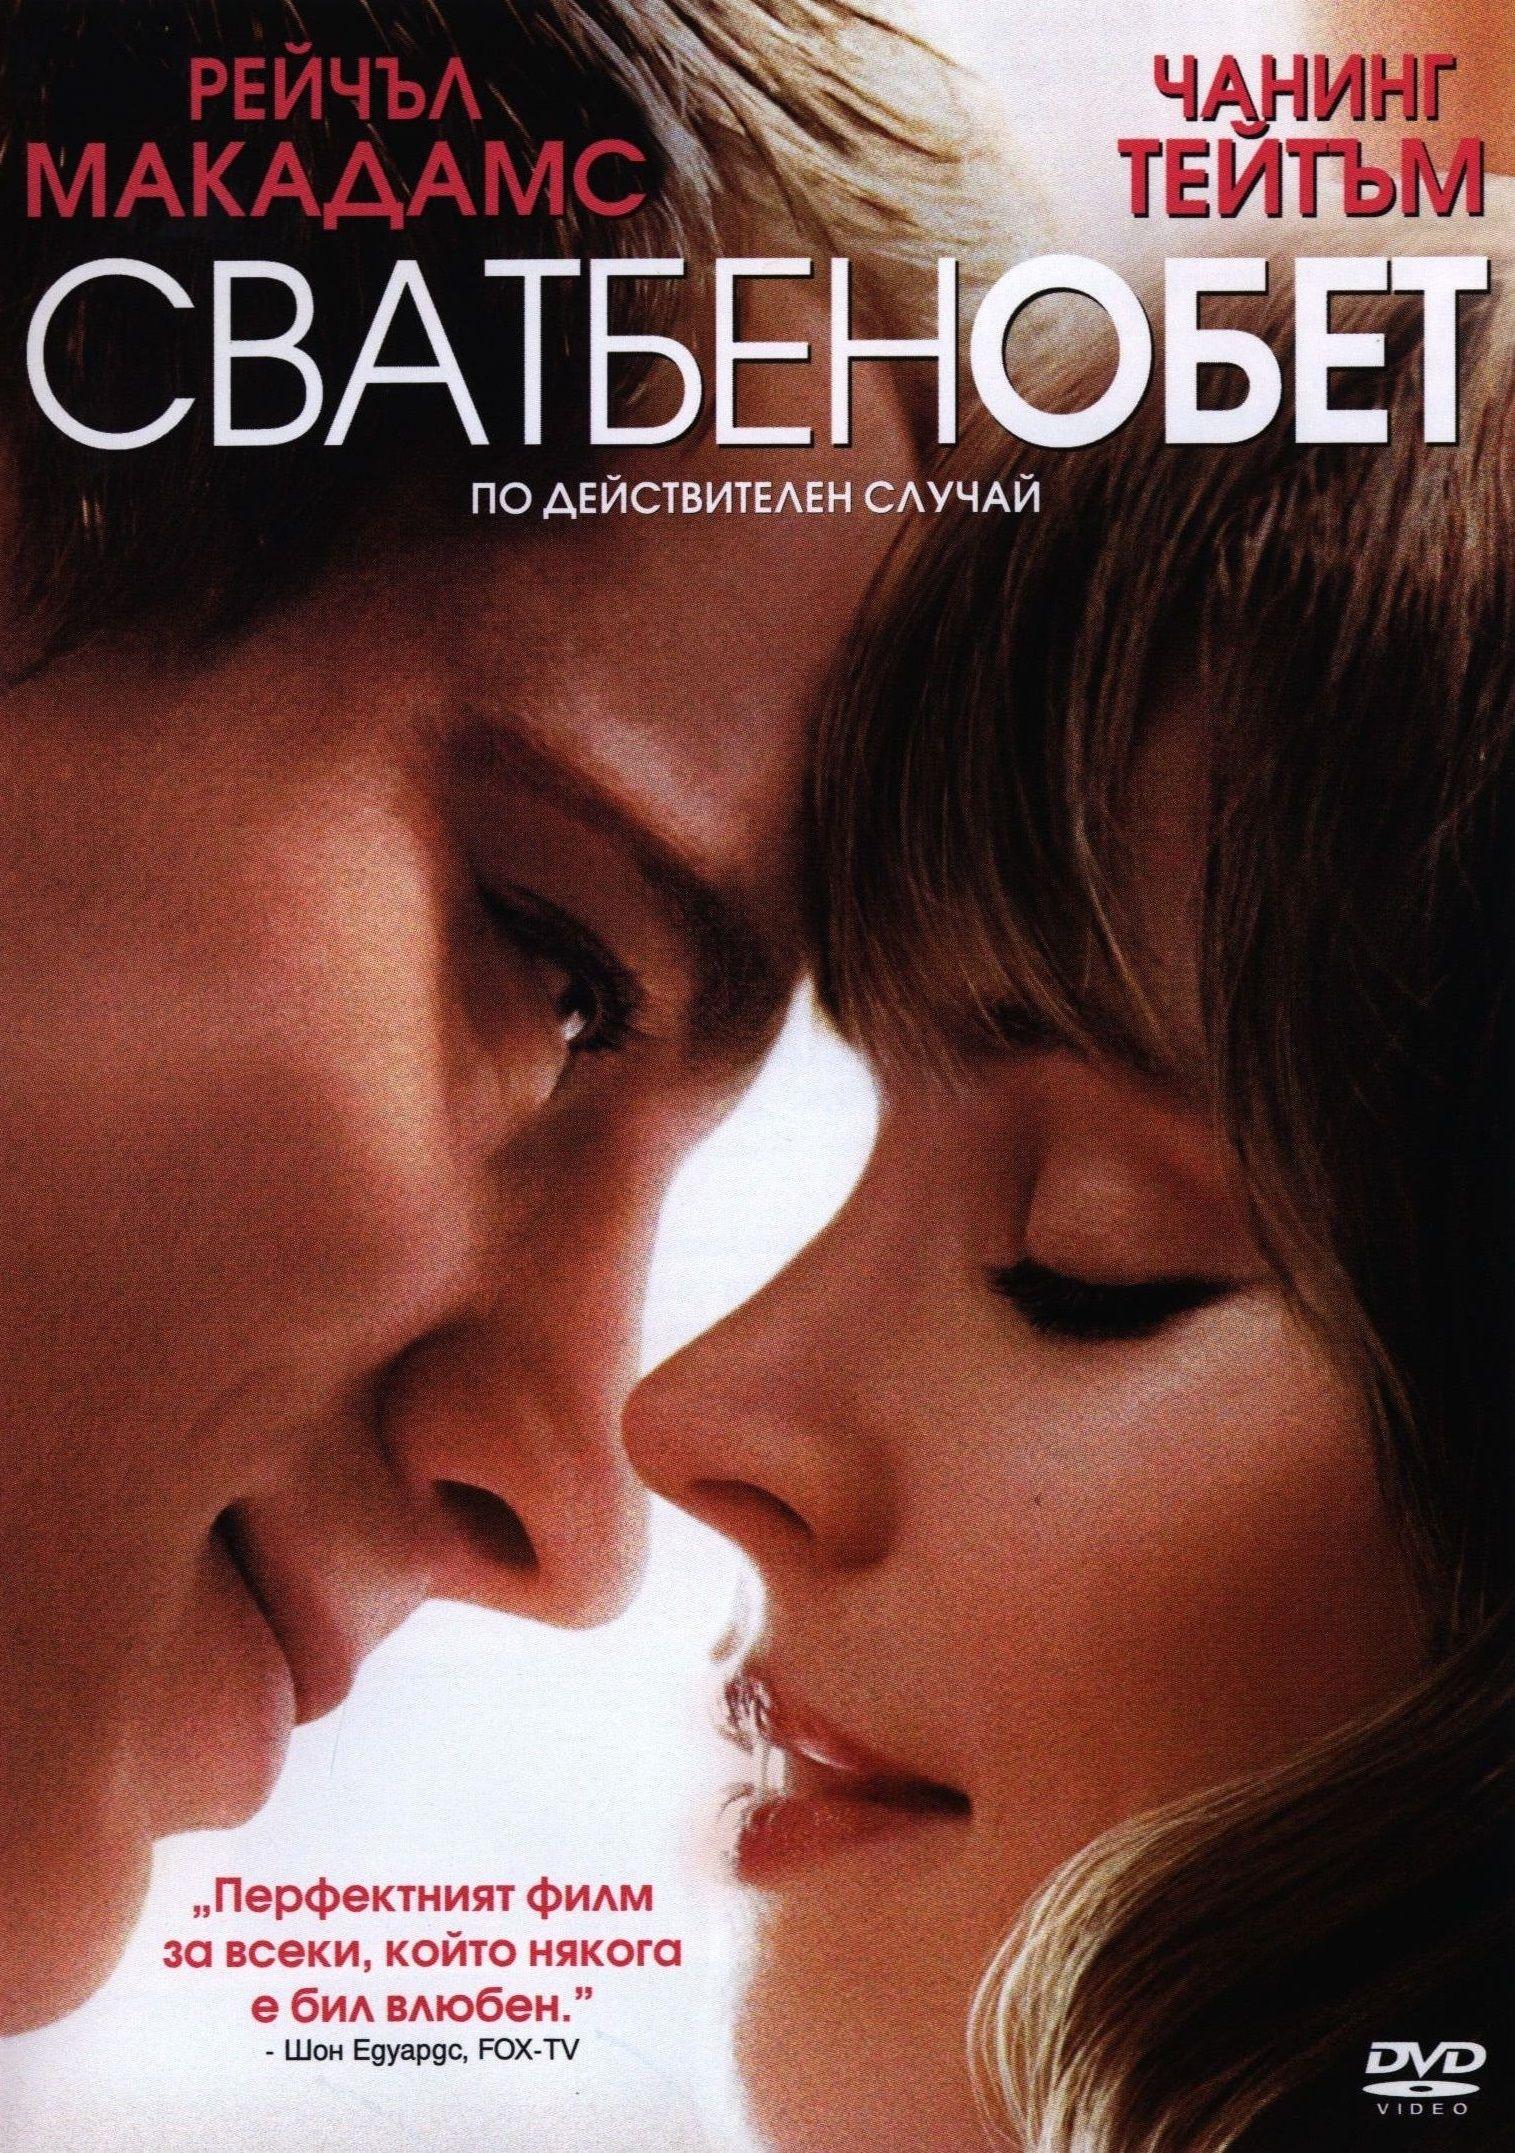 Сватбен обет (DVD) - 1